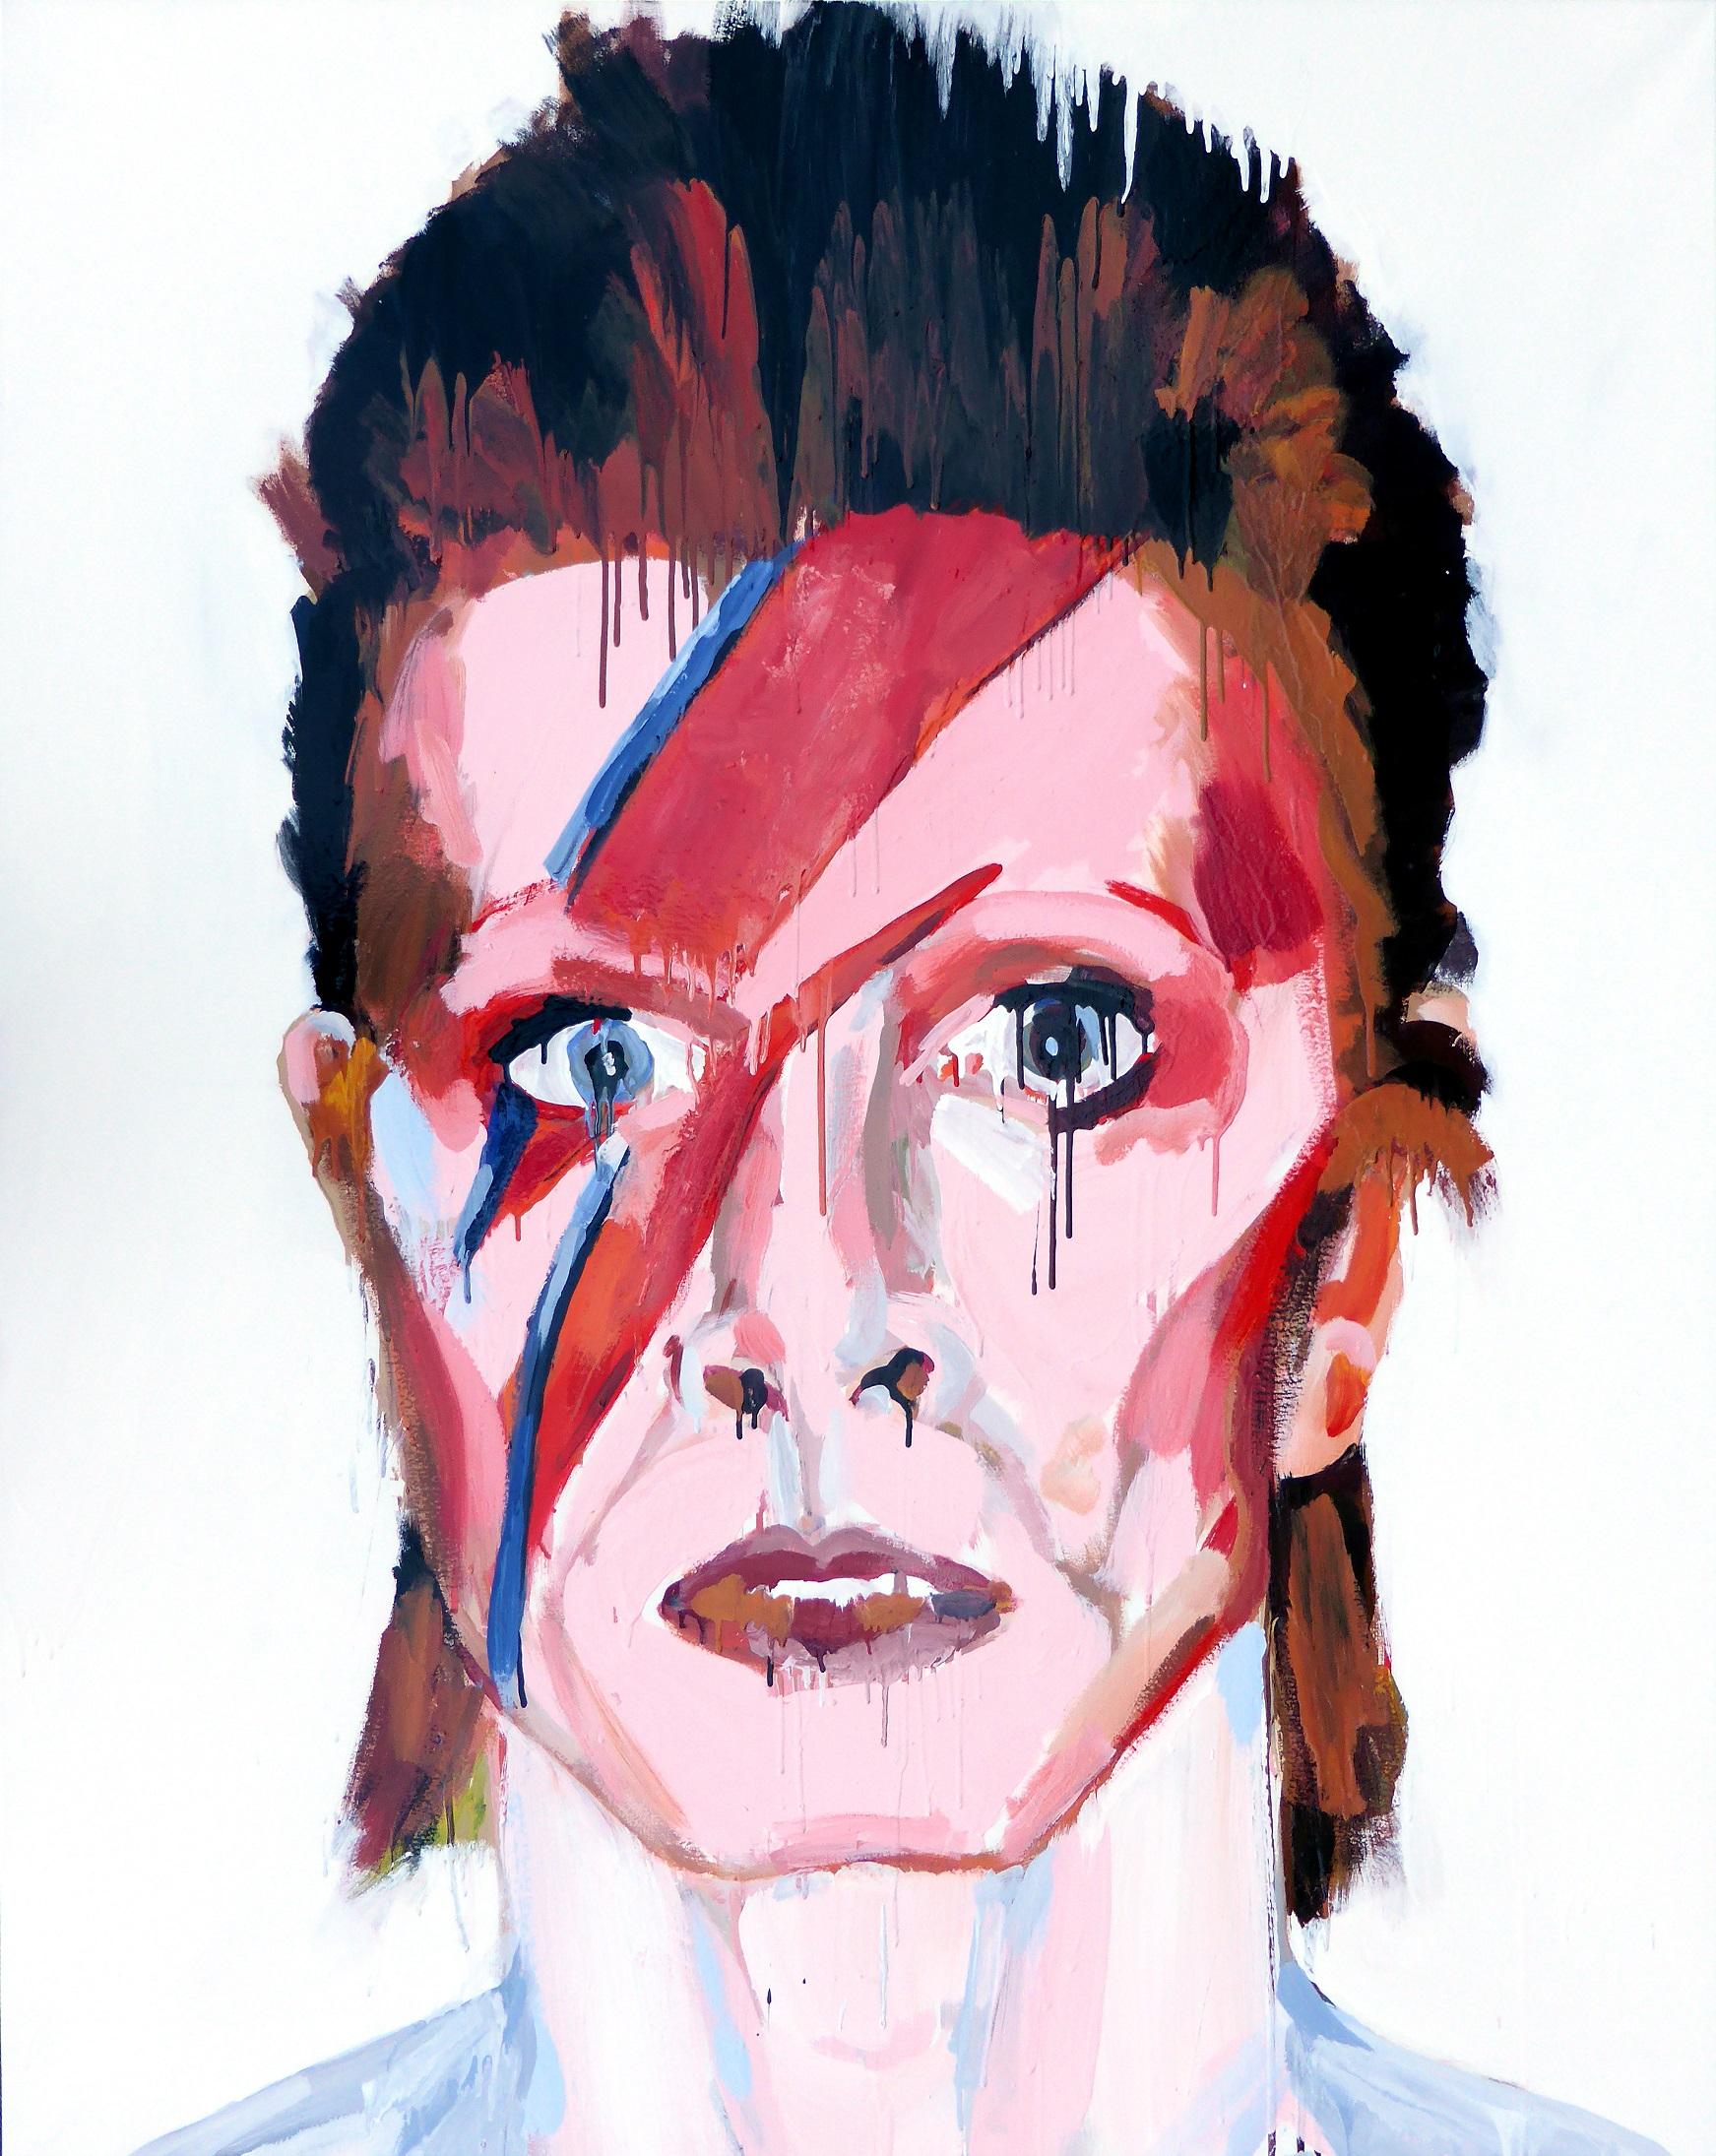 David Bowie: A Ladd in Sane